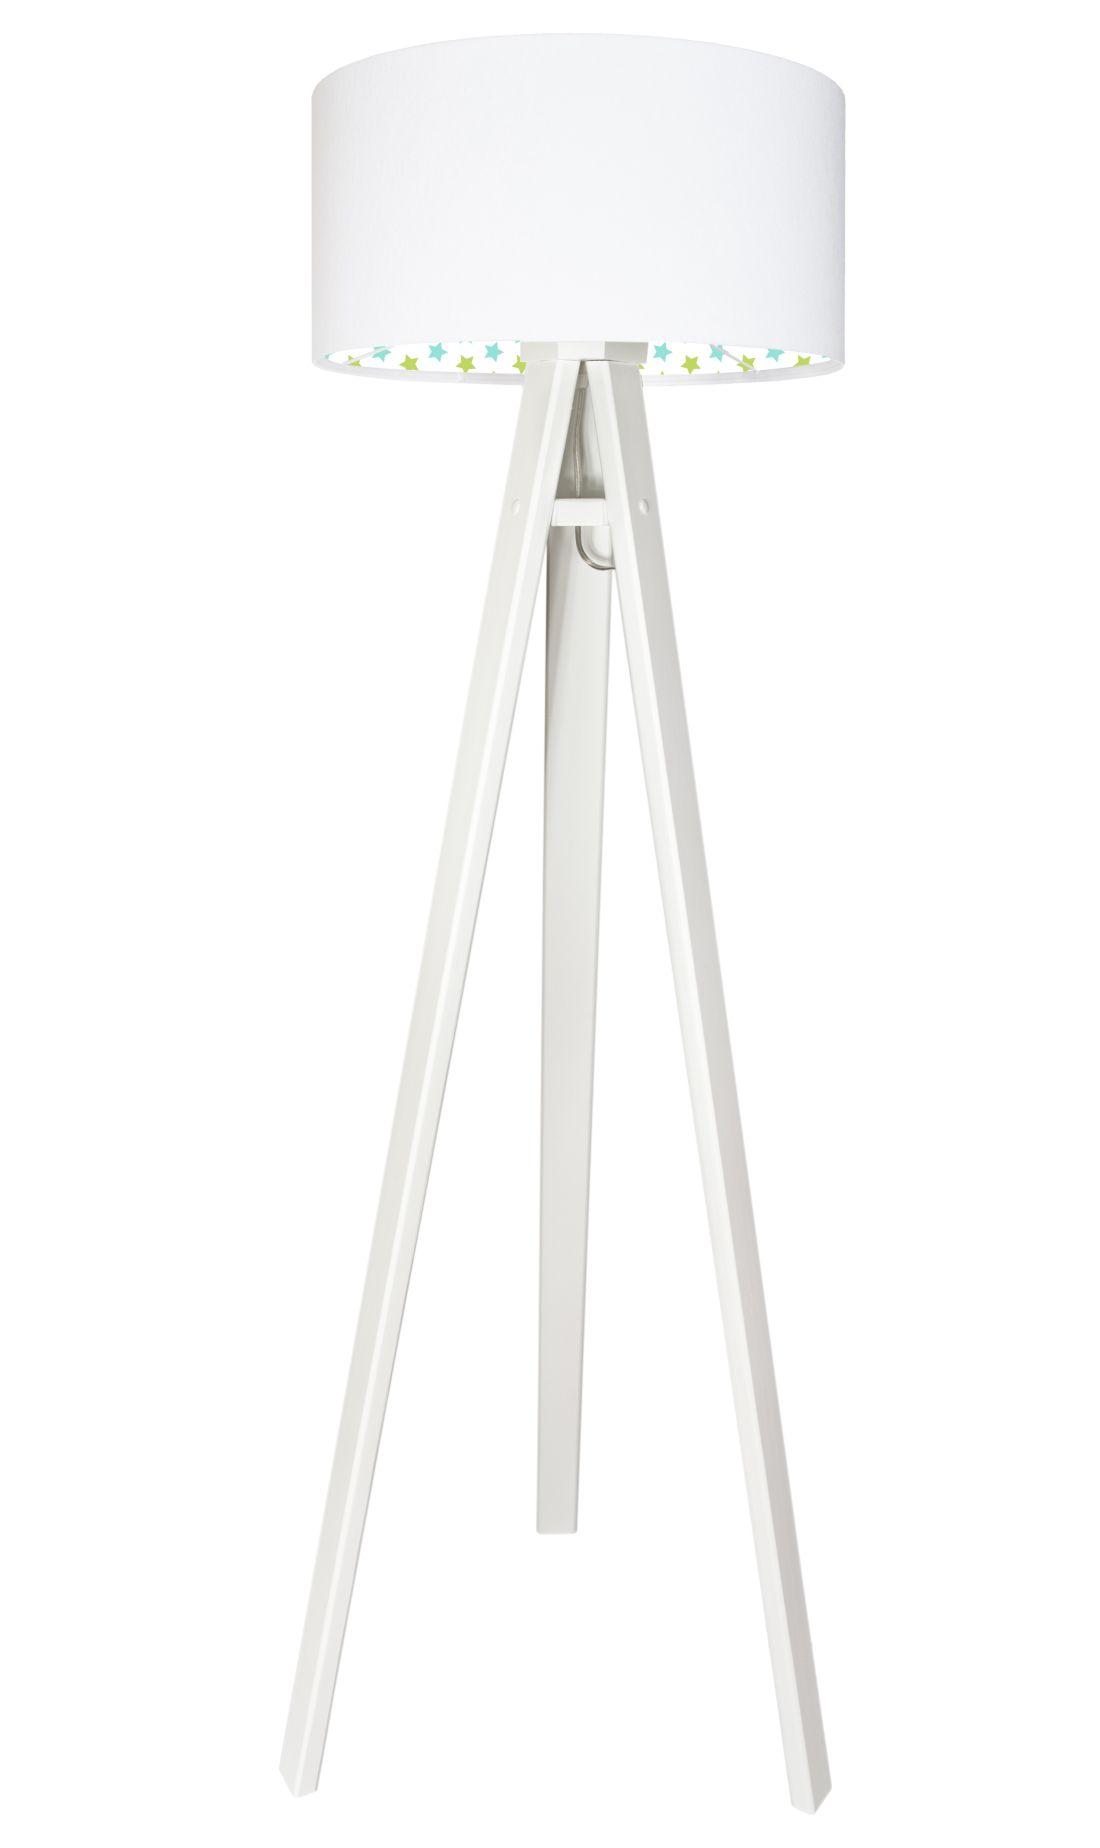 Stehlampe Holzgestell Weiß Grün Blau Dreibein 140cm